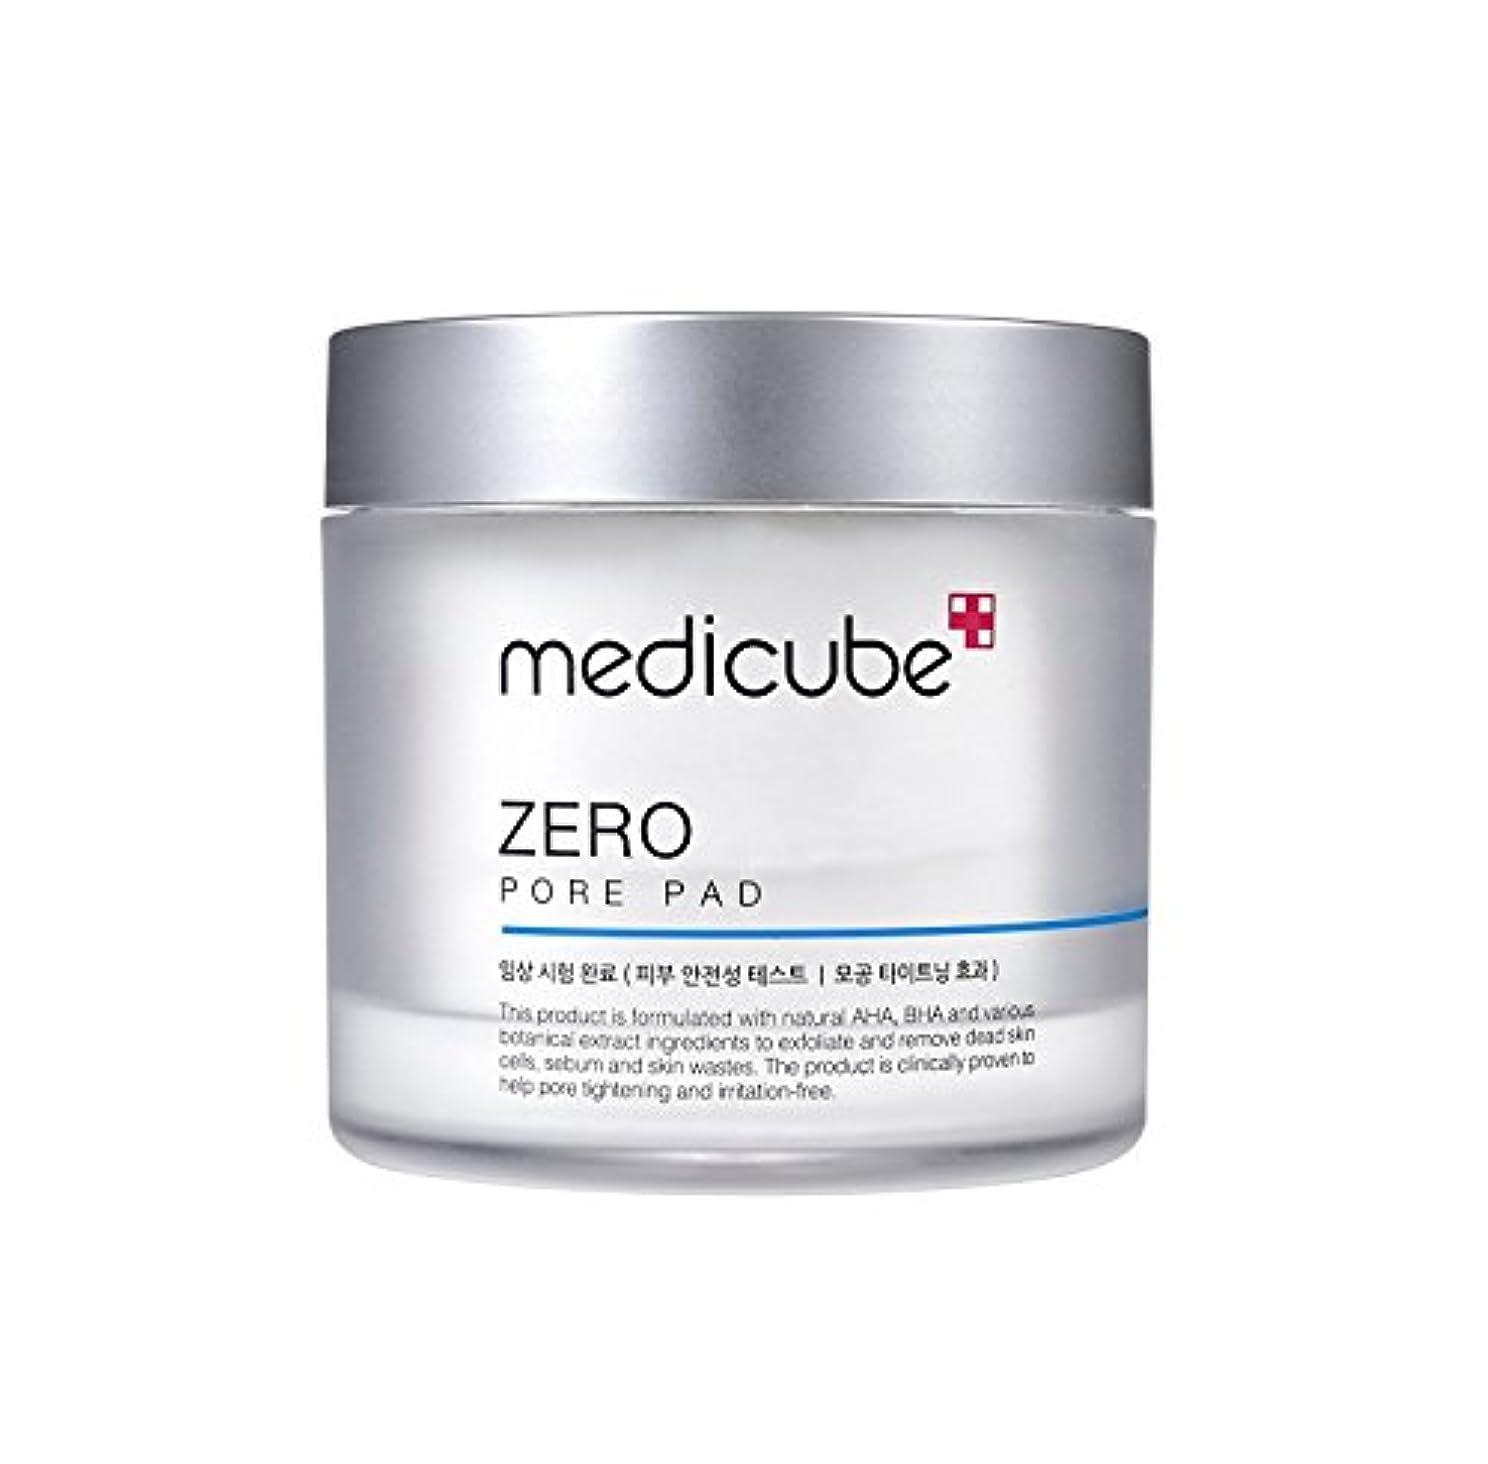 虹説教決定的[Medicube]Zero Pore Pad / ゼロ毛穴パッド / 正品?海外直送商品 [並行輸入品]